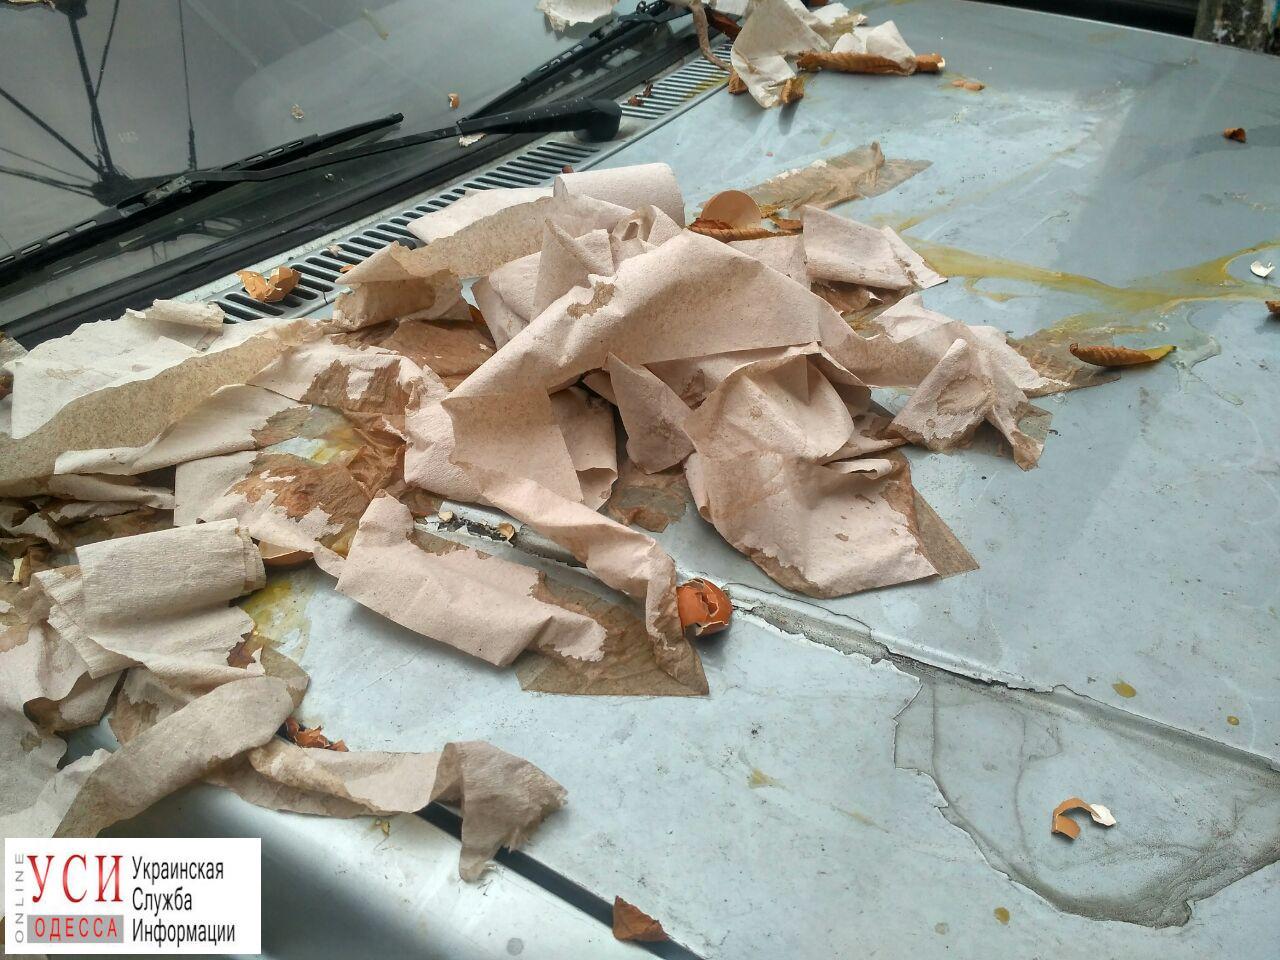 photo5190617627217733867 В Одессе неправильно припаркованный автомобиль забросали туалетной бумагой и яйцами